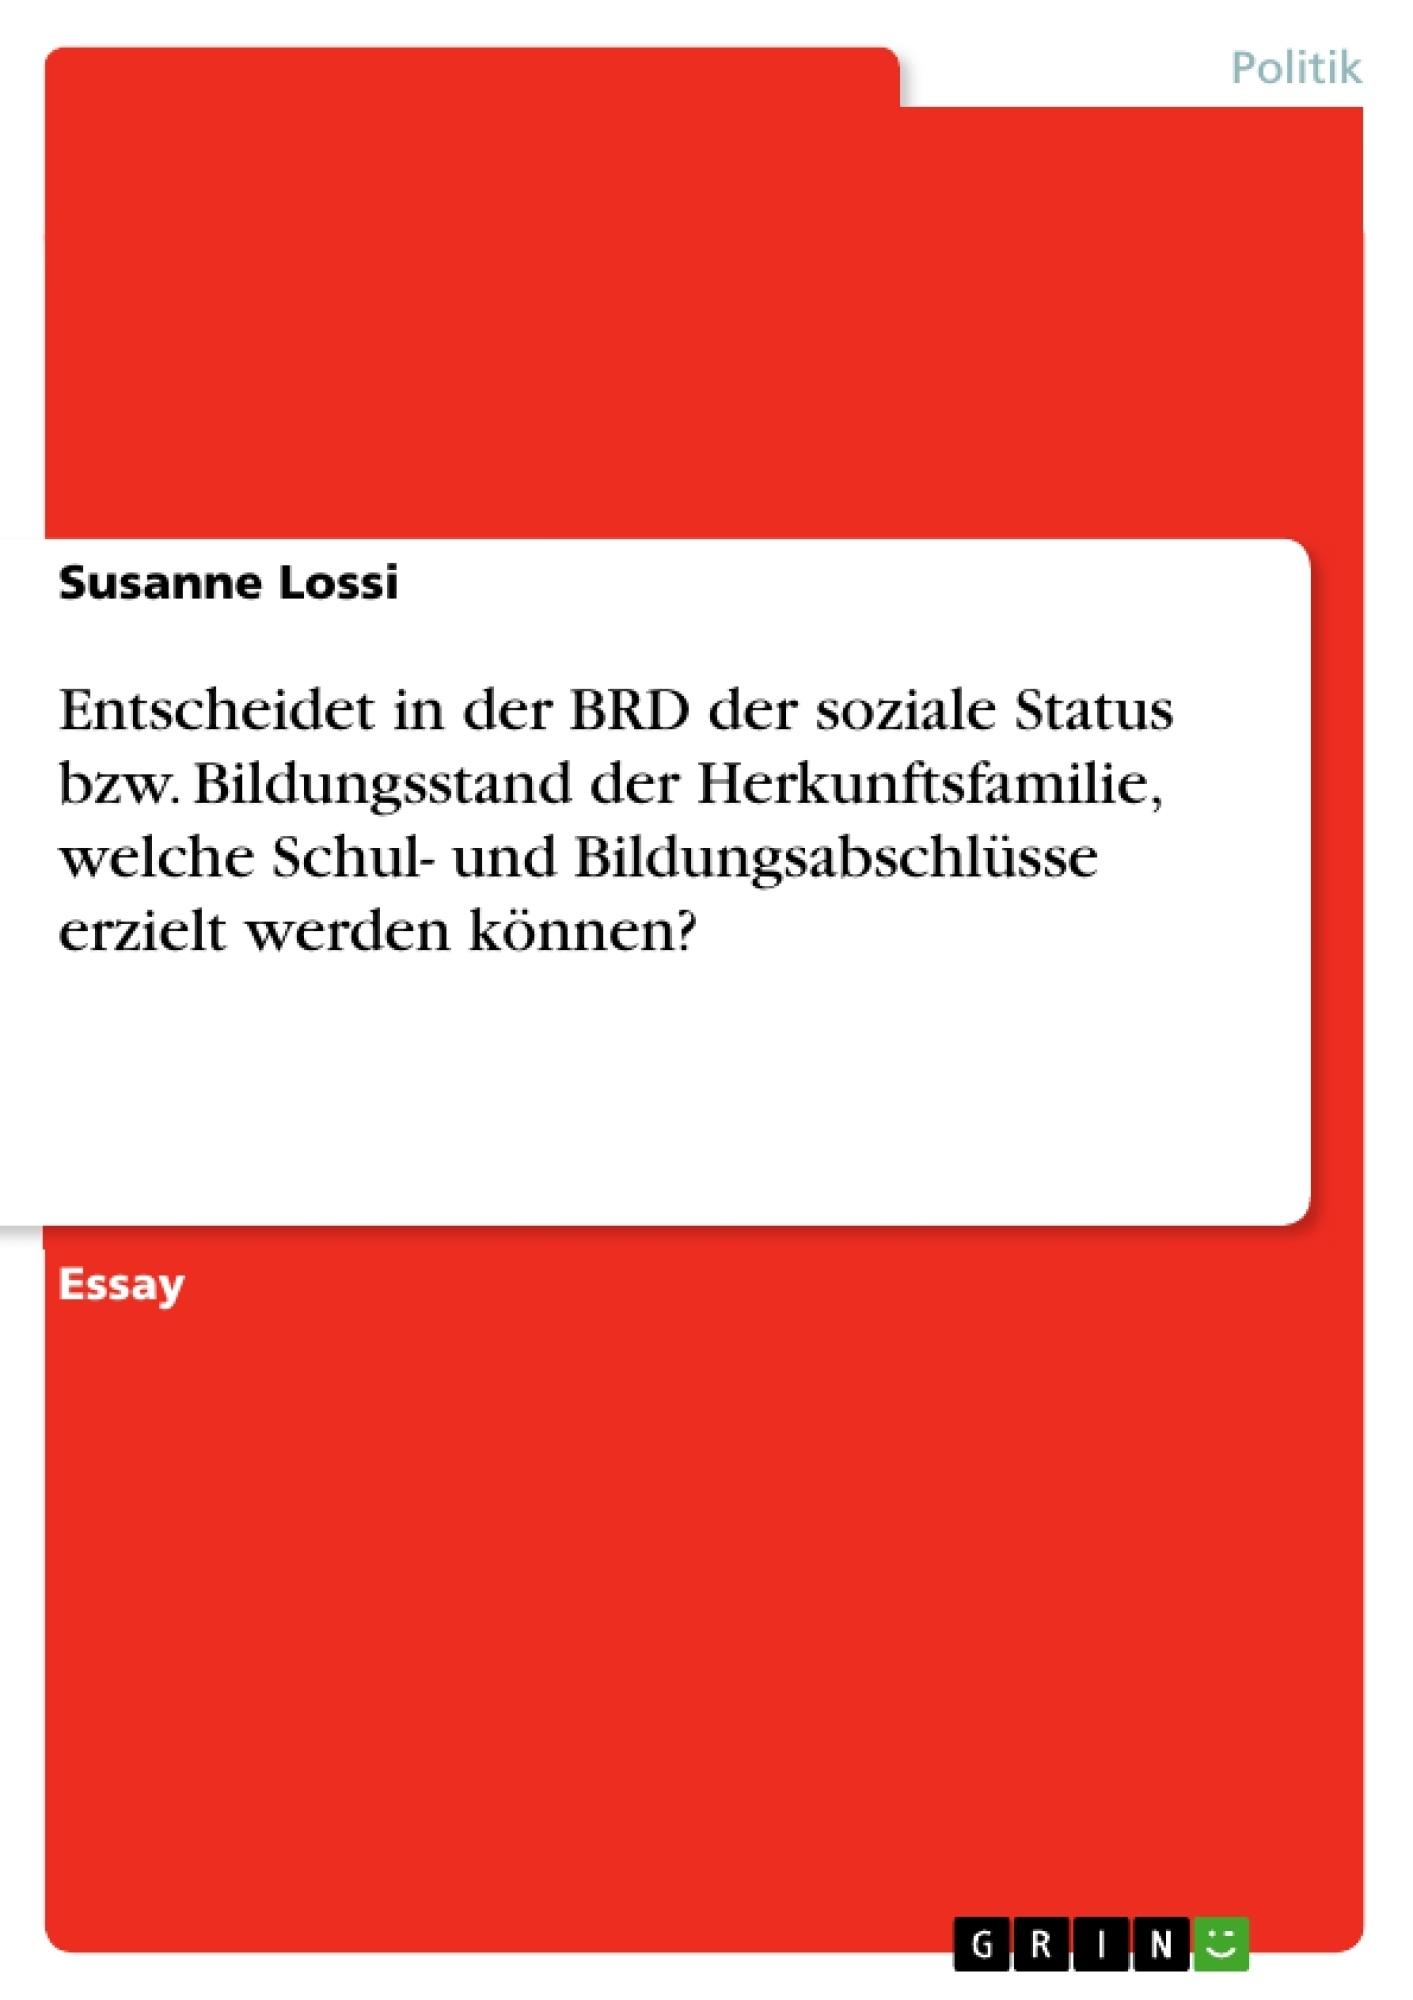 Titel: Entscheidet in der BRD der soziale Status bzw. Bildungsstand der Herkunftsfamilie, welche Schul- und Bildungsabschlüsse erzielt werden können?